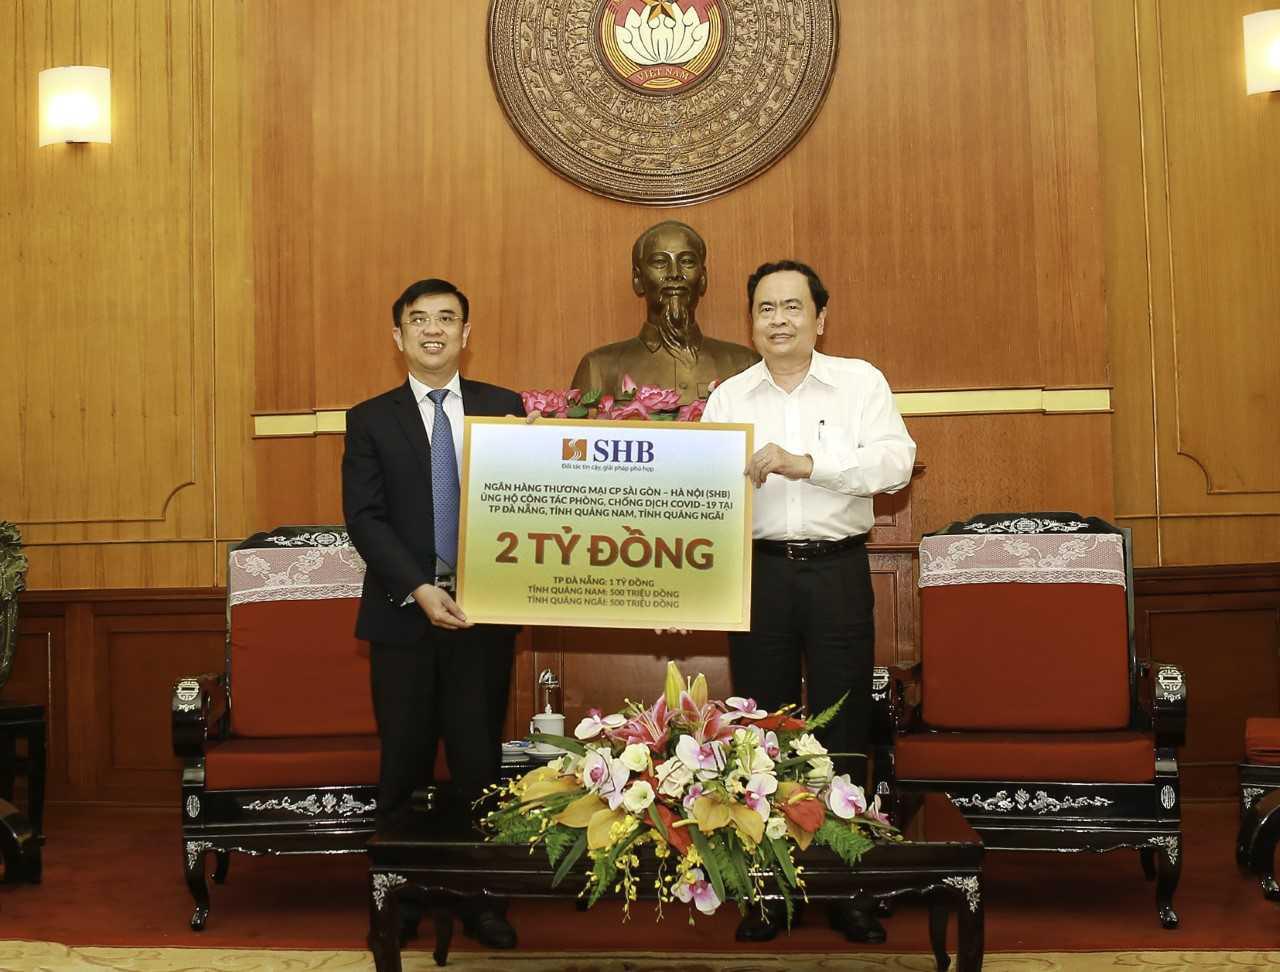 Các doanh nghiệp của bầu Hiển ủng hộ 6,1 tỷ đồng cho Đà nẵng, Quảng Nam và Quảng Ngãi chống Covid-19 - Ảnh 1.